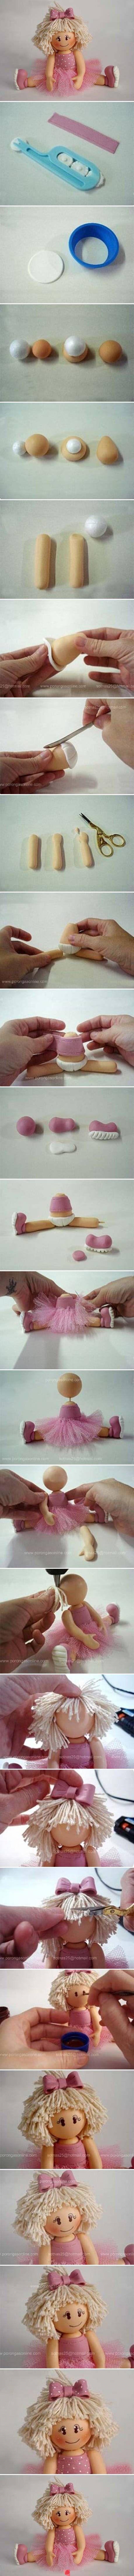 clay adorable little girl ballerina...w/photo tutorial